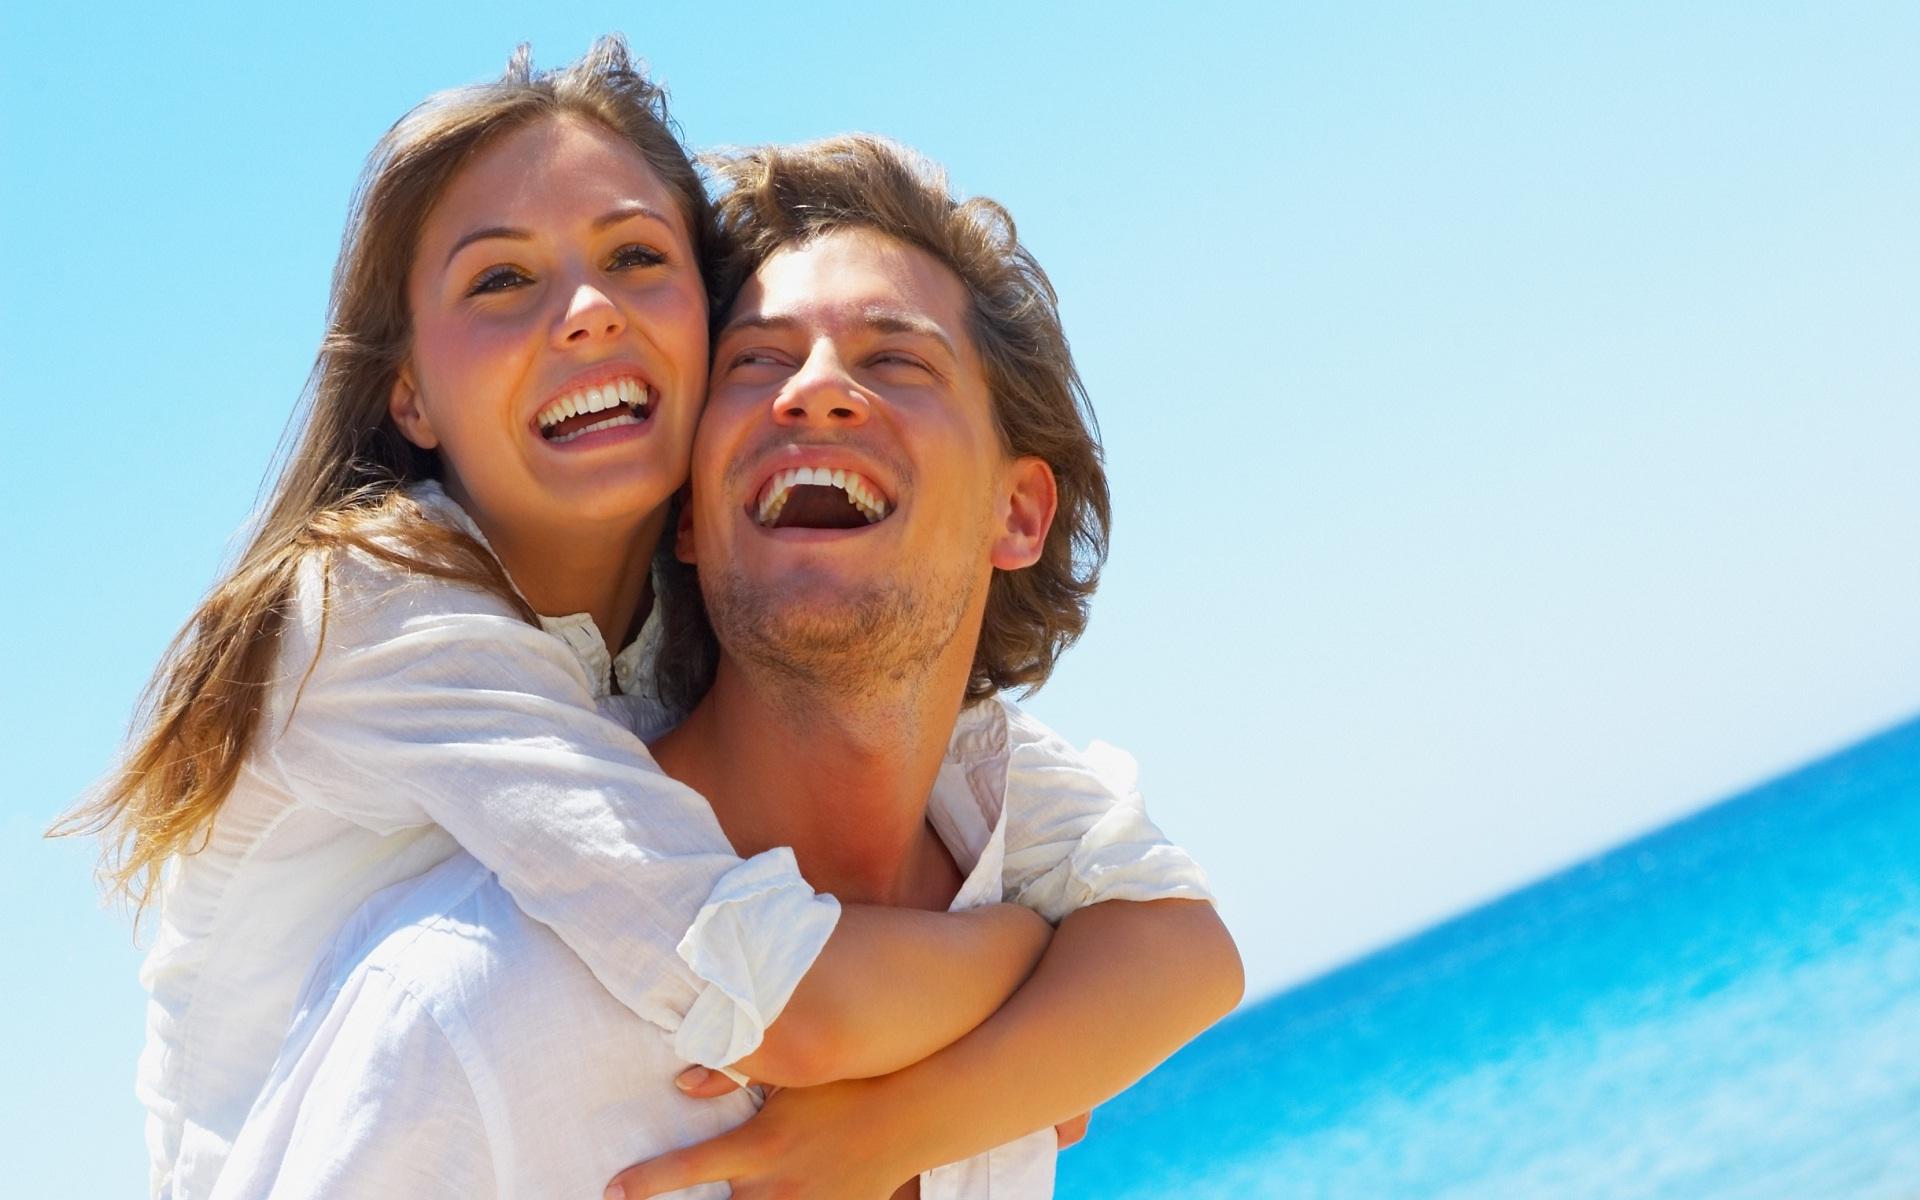 Любовь брак знакомства социальная сеть для знакомств на одну ночь